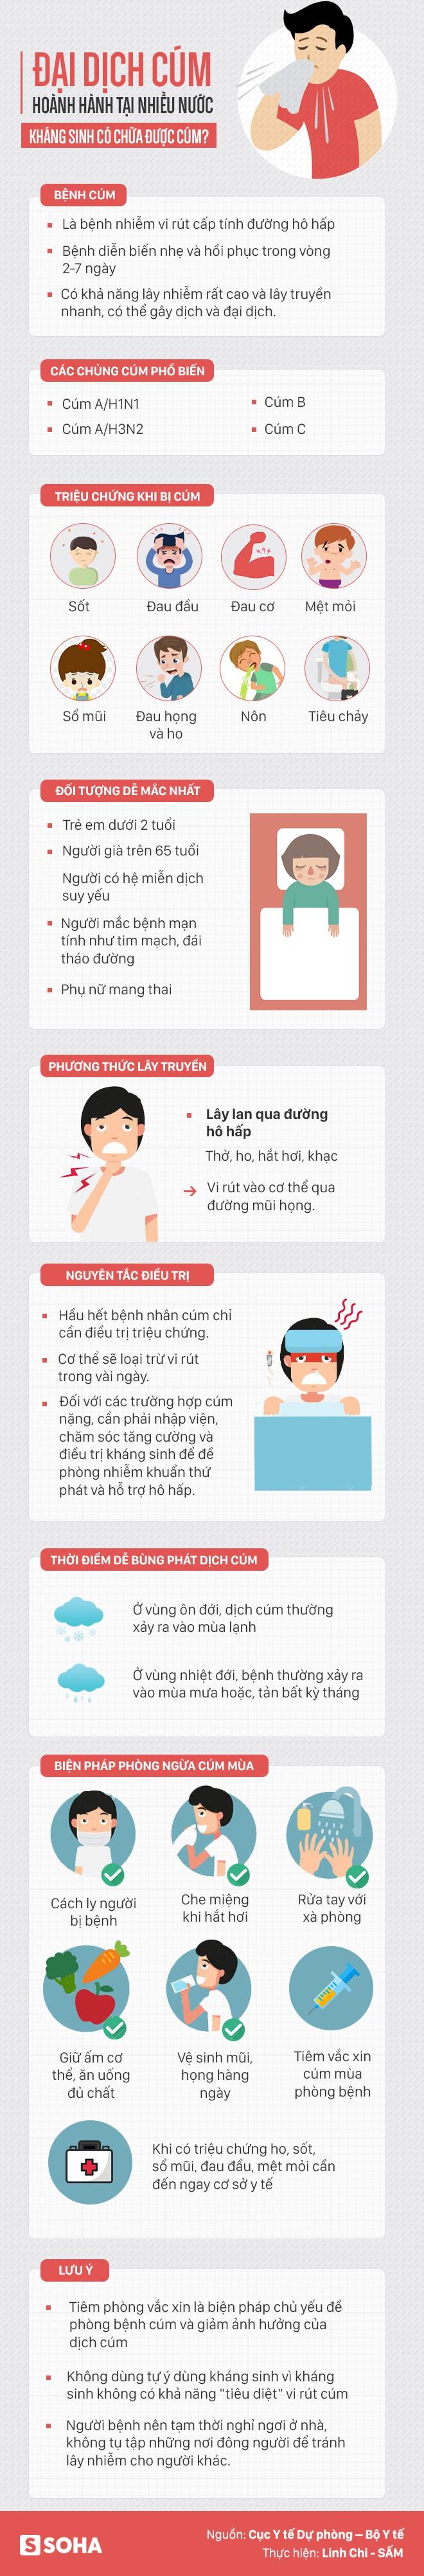 Sai lầm rất nhiều người mắc khi bị cúm khiến bệnh nặng thêm - Ảnh 1.